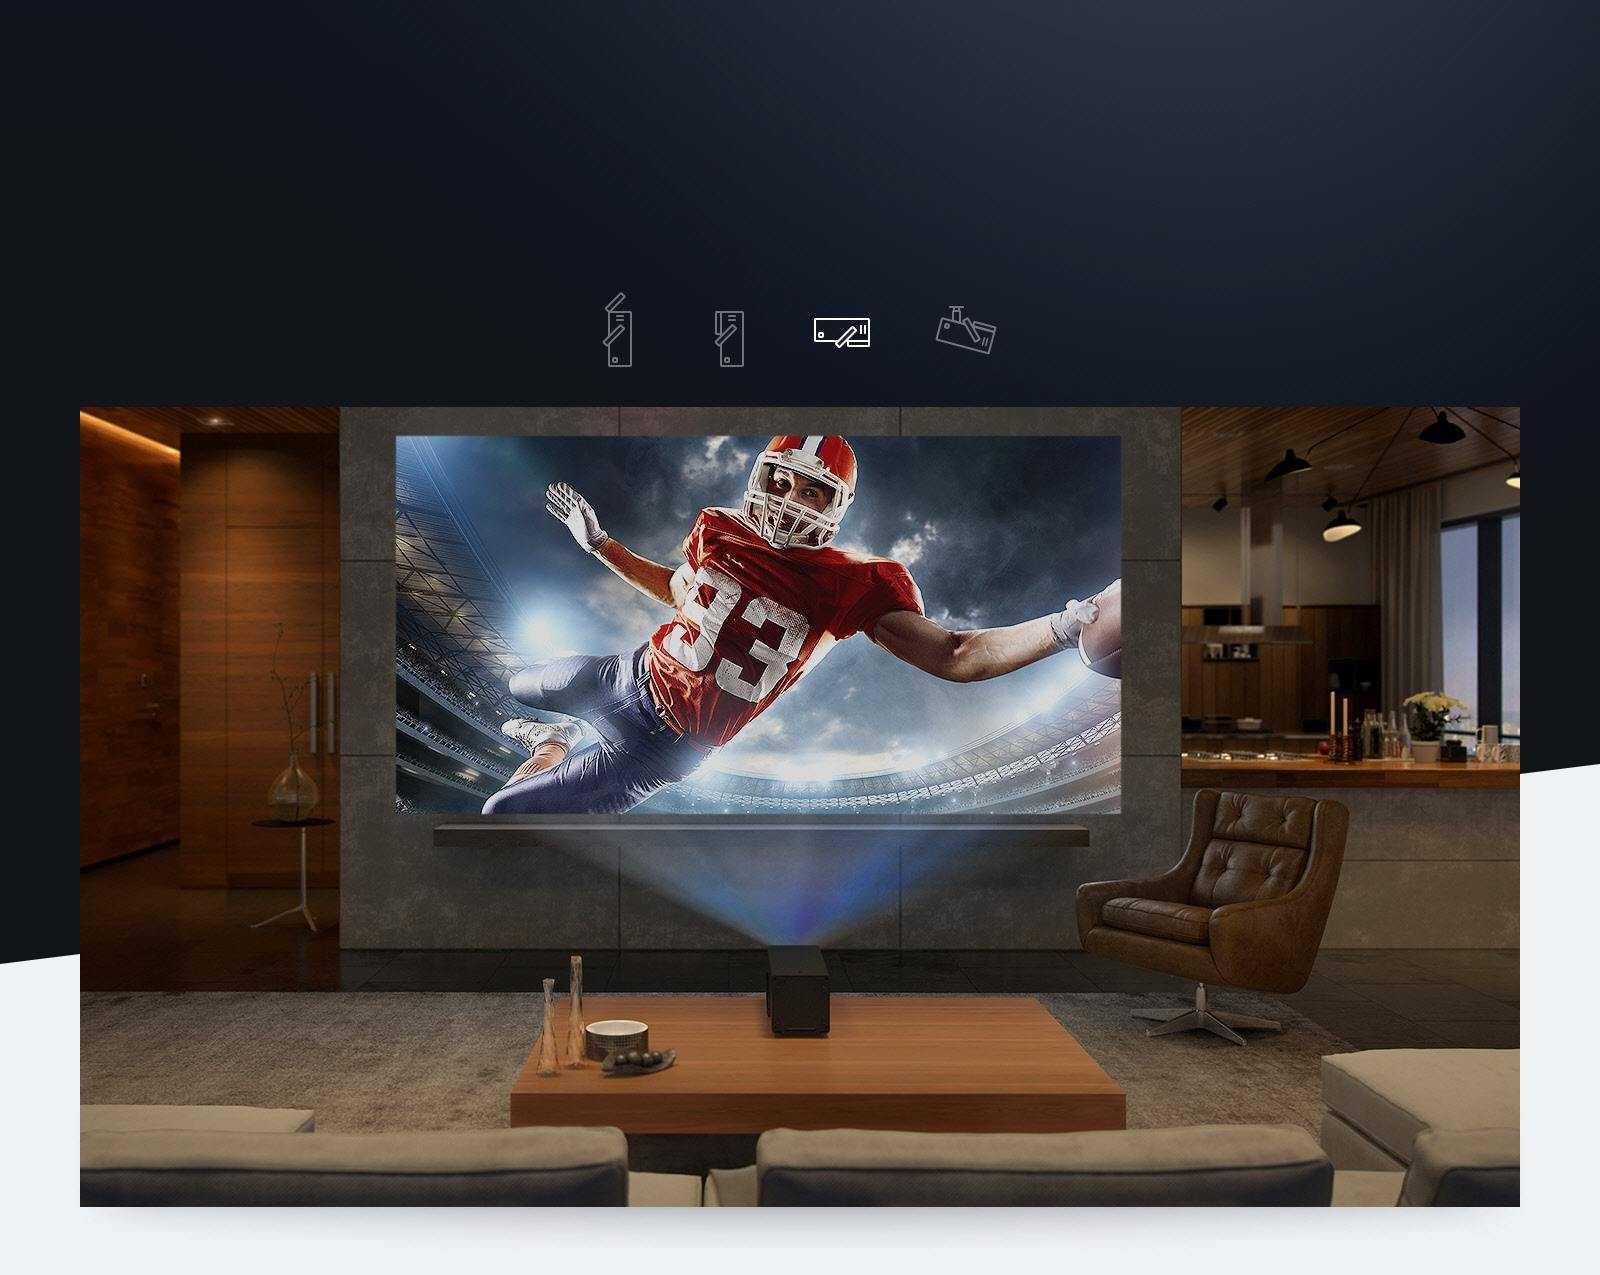 Обзор 4k-проектора lg cinebeam hu80ksw: здравствуй, огромный экран! / мониторы и проекторы